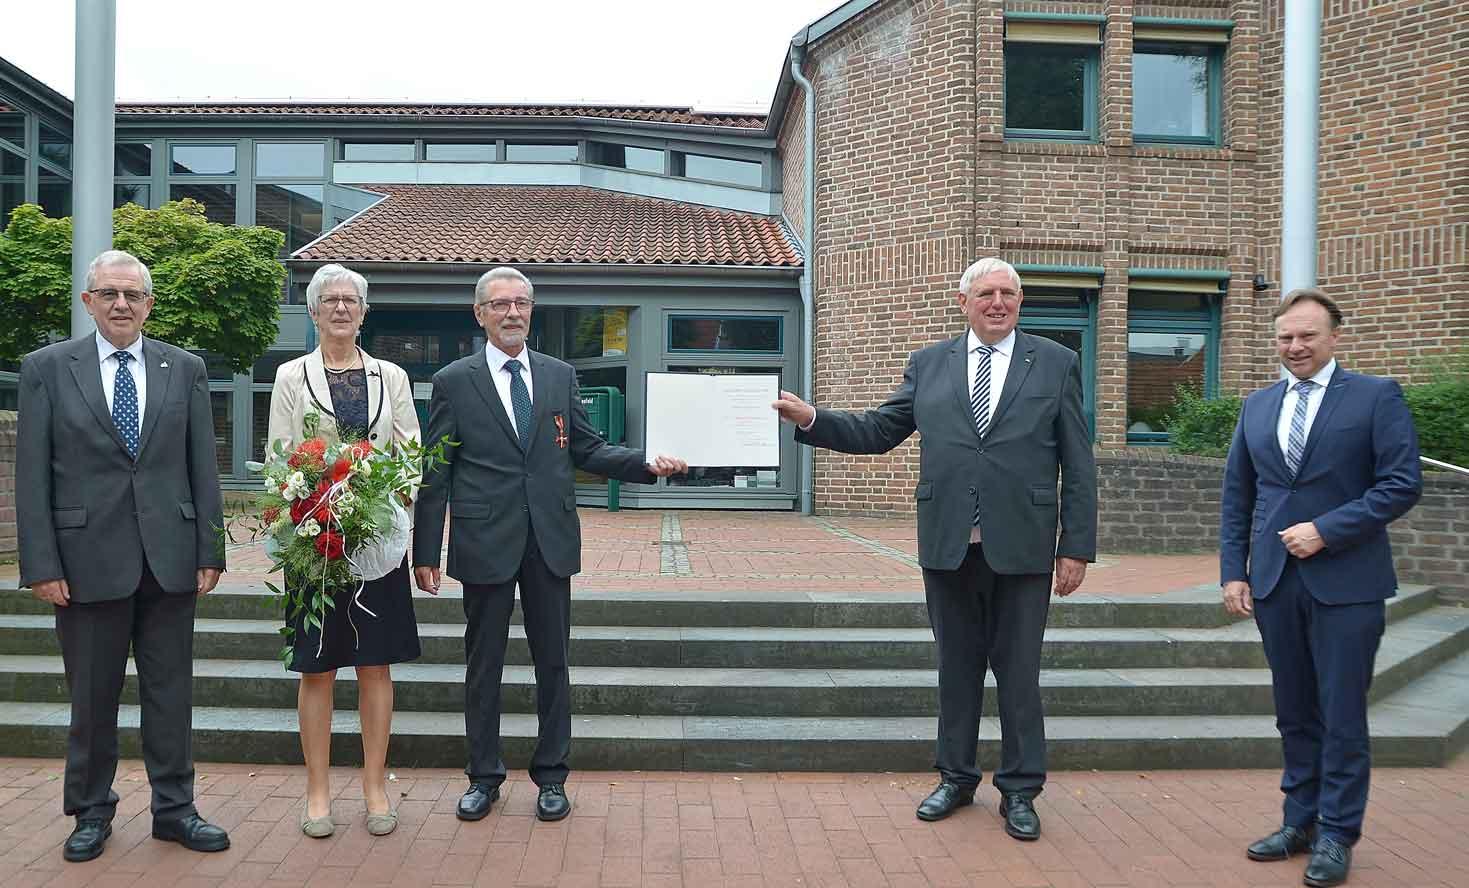 Martin Hadder aus Raesfeld mit Verdienstkreuz ausgezeichnet